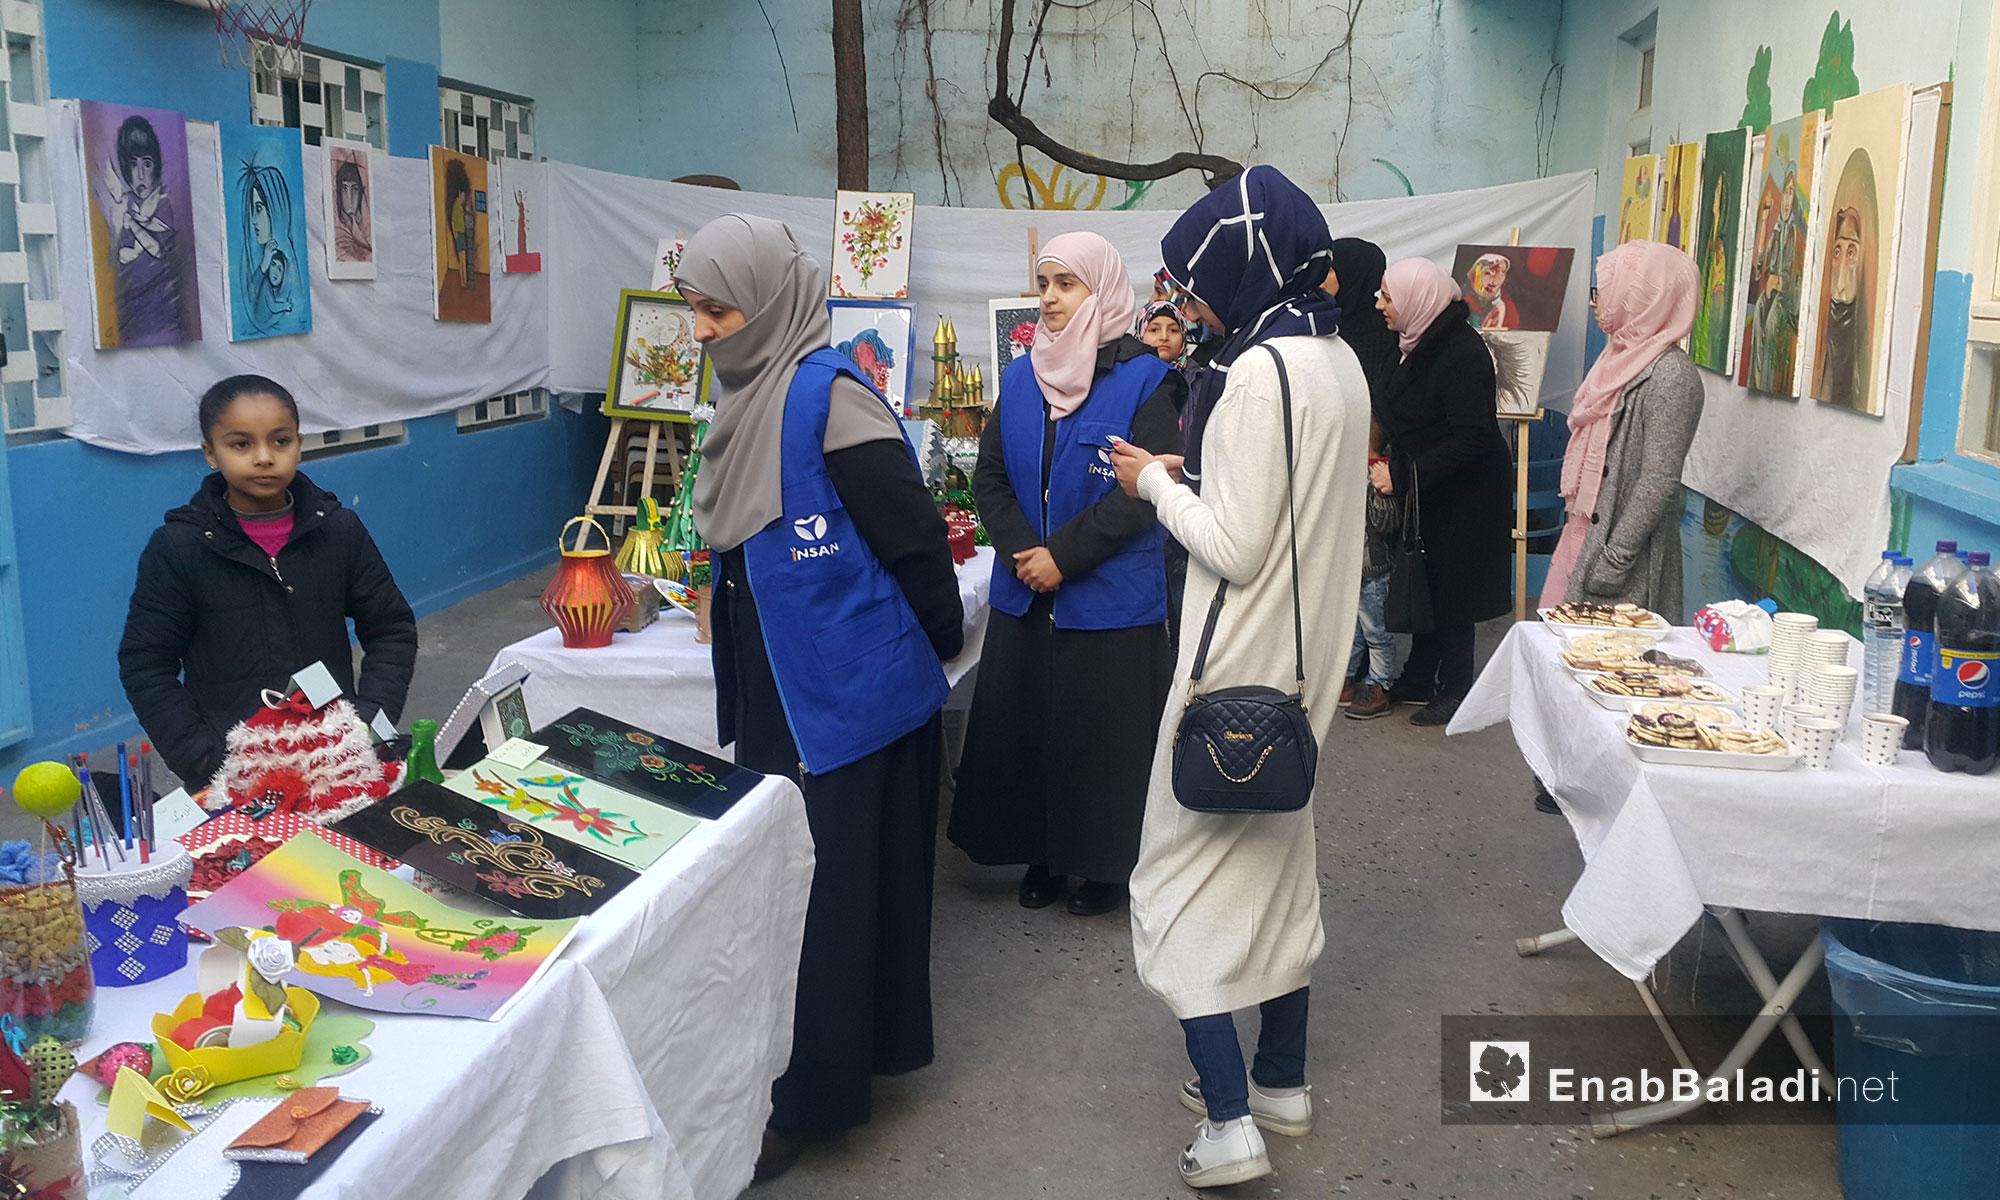 """زوار معرض """"إنسان"""" المصنوعة لوحاته بأيدٍ سورية في أورفة التركية - 2 شباط 2018 (عنب بلدي)"""